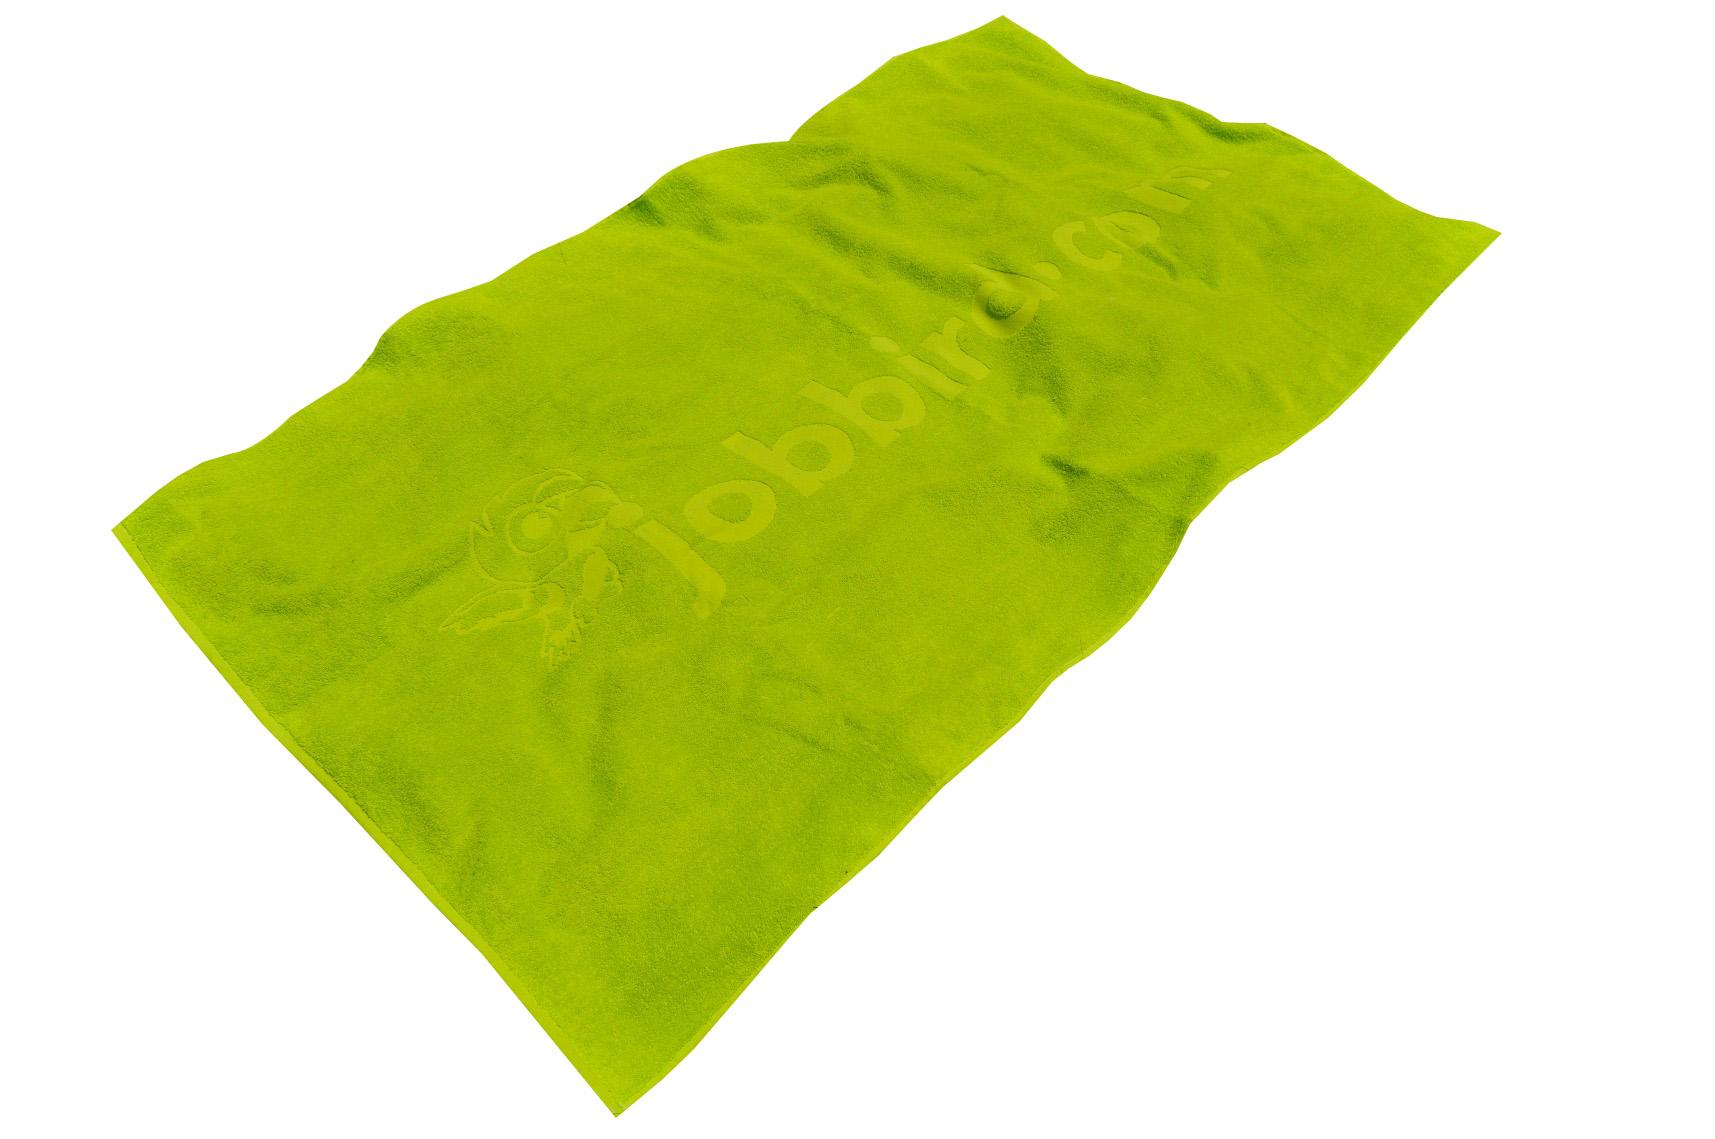 Relief woven towel